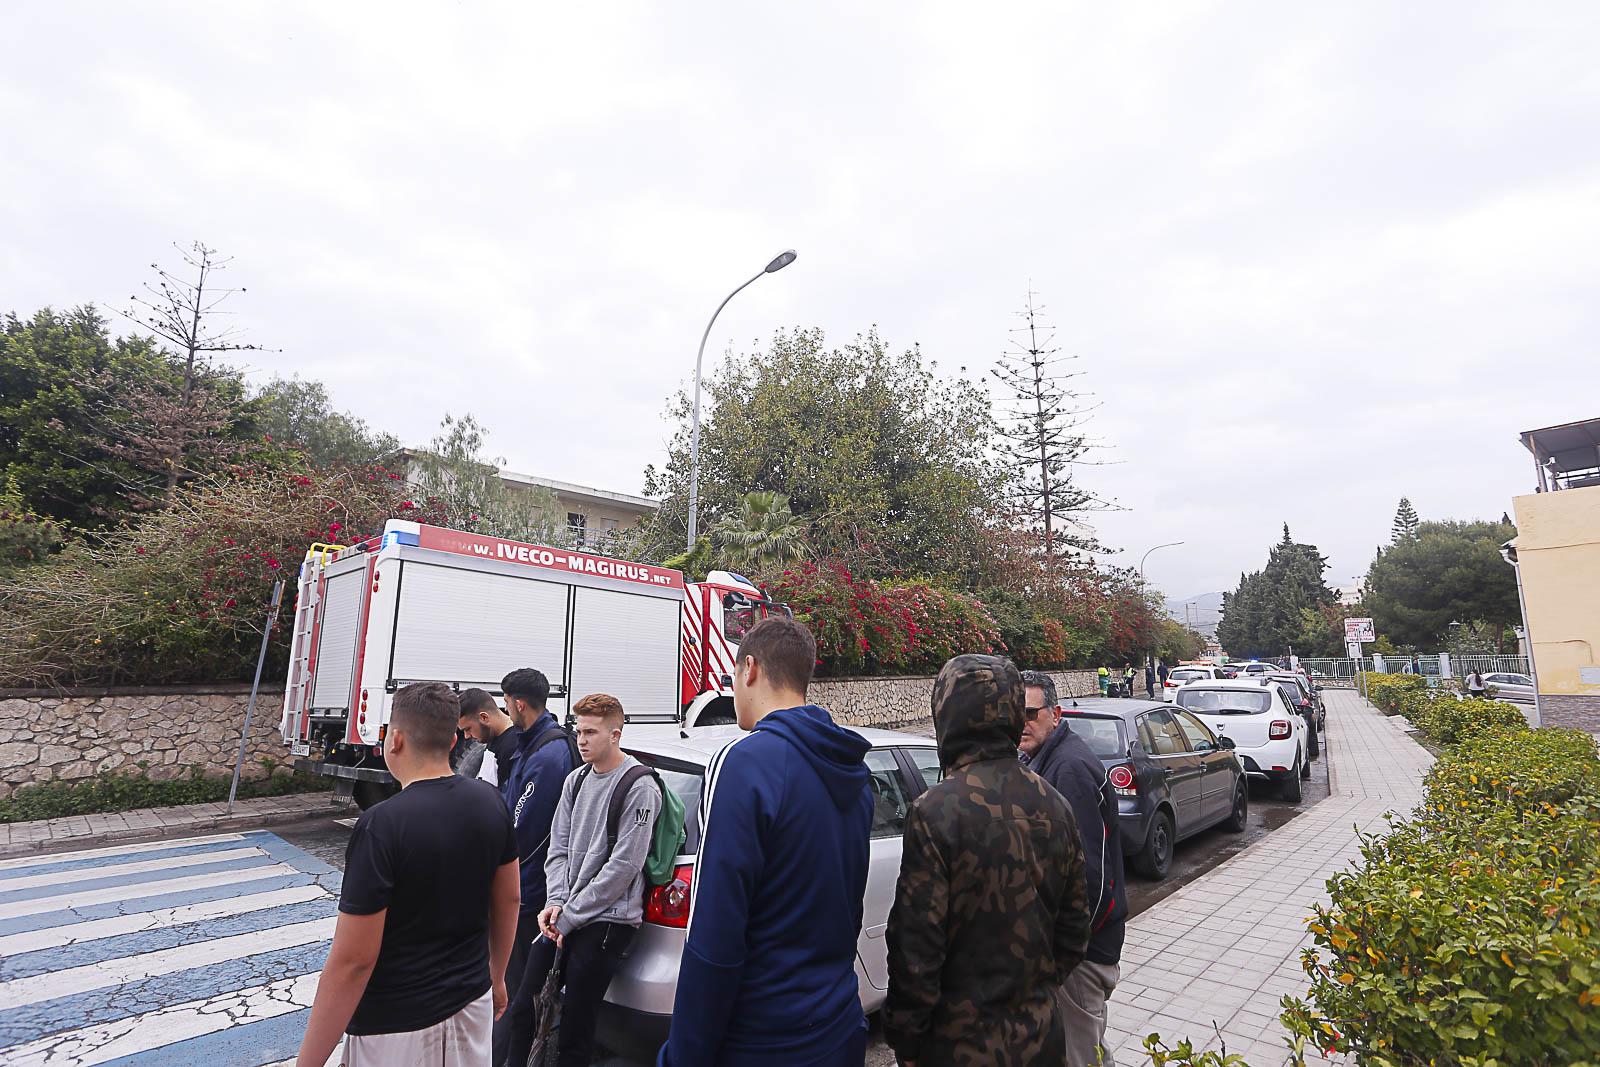 Un incendio en la residencia Santa Amelia alerta al barrio de Cuartel de Simancas de Motril